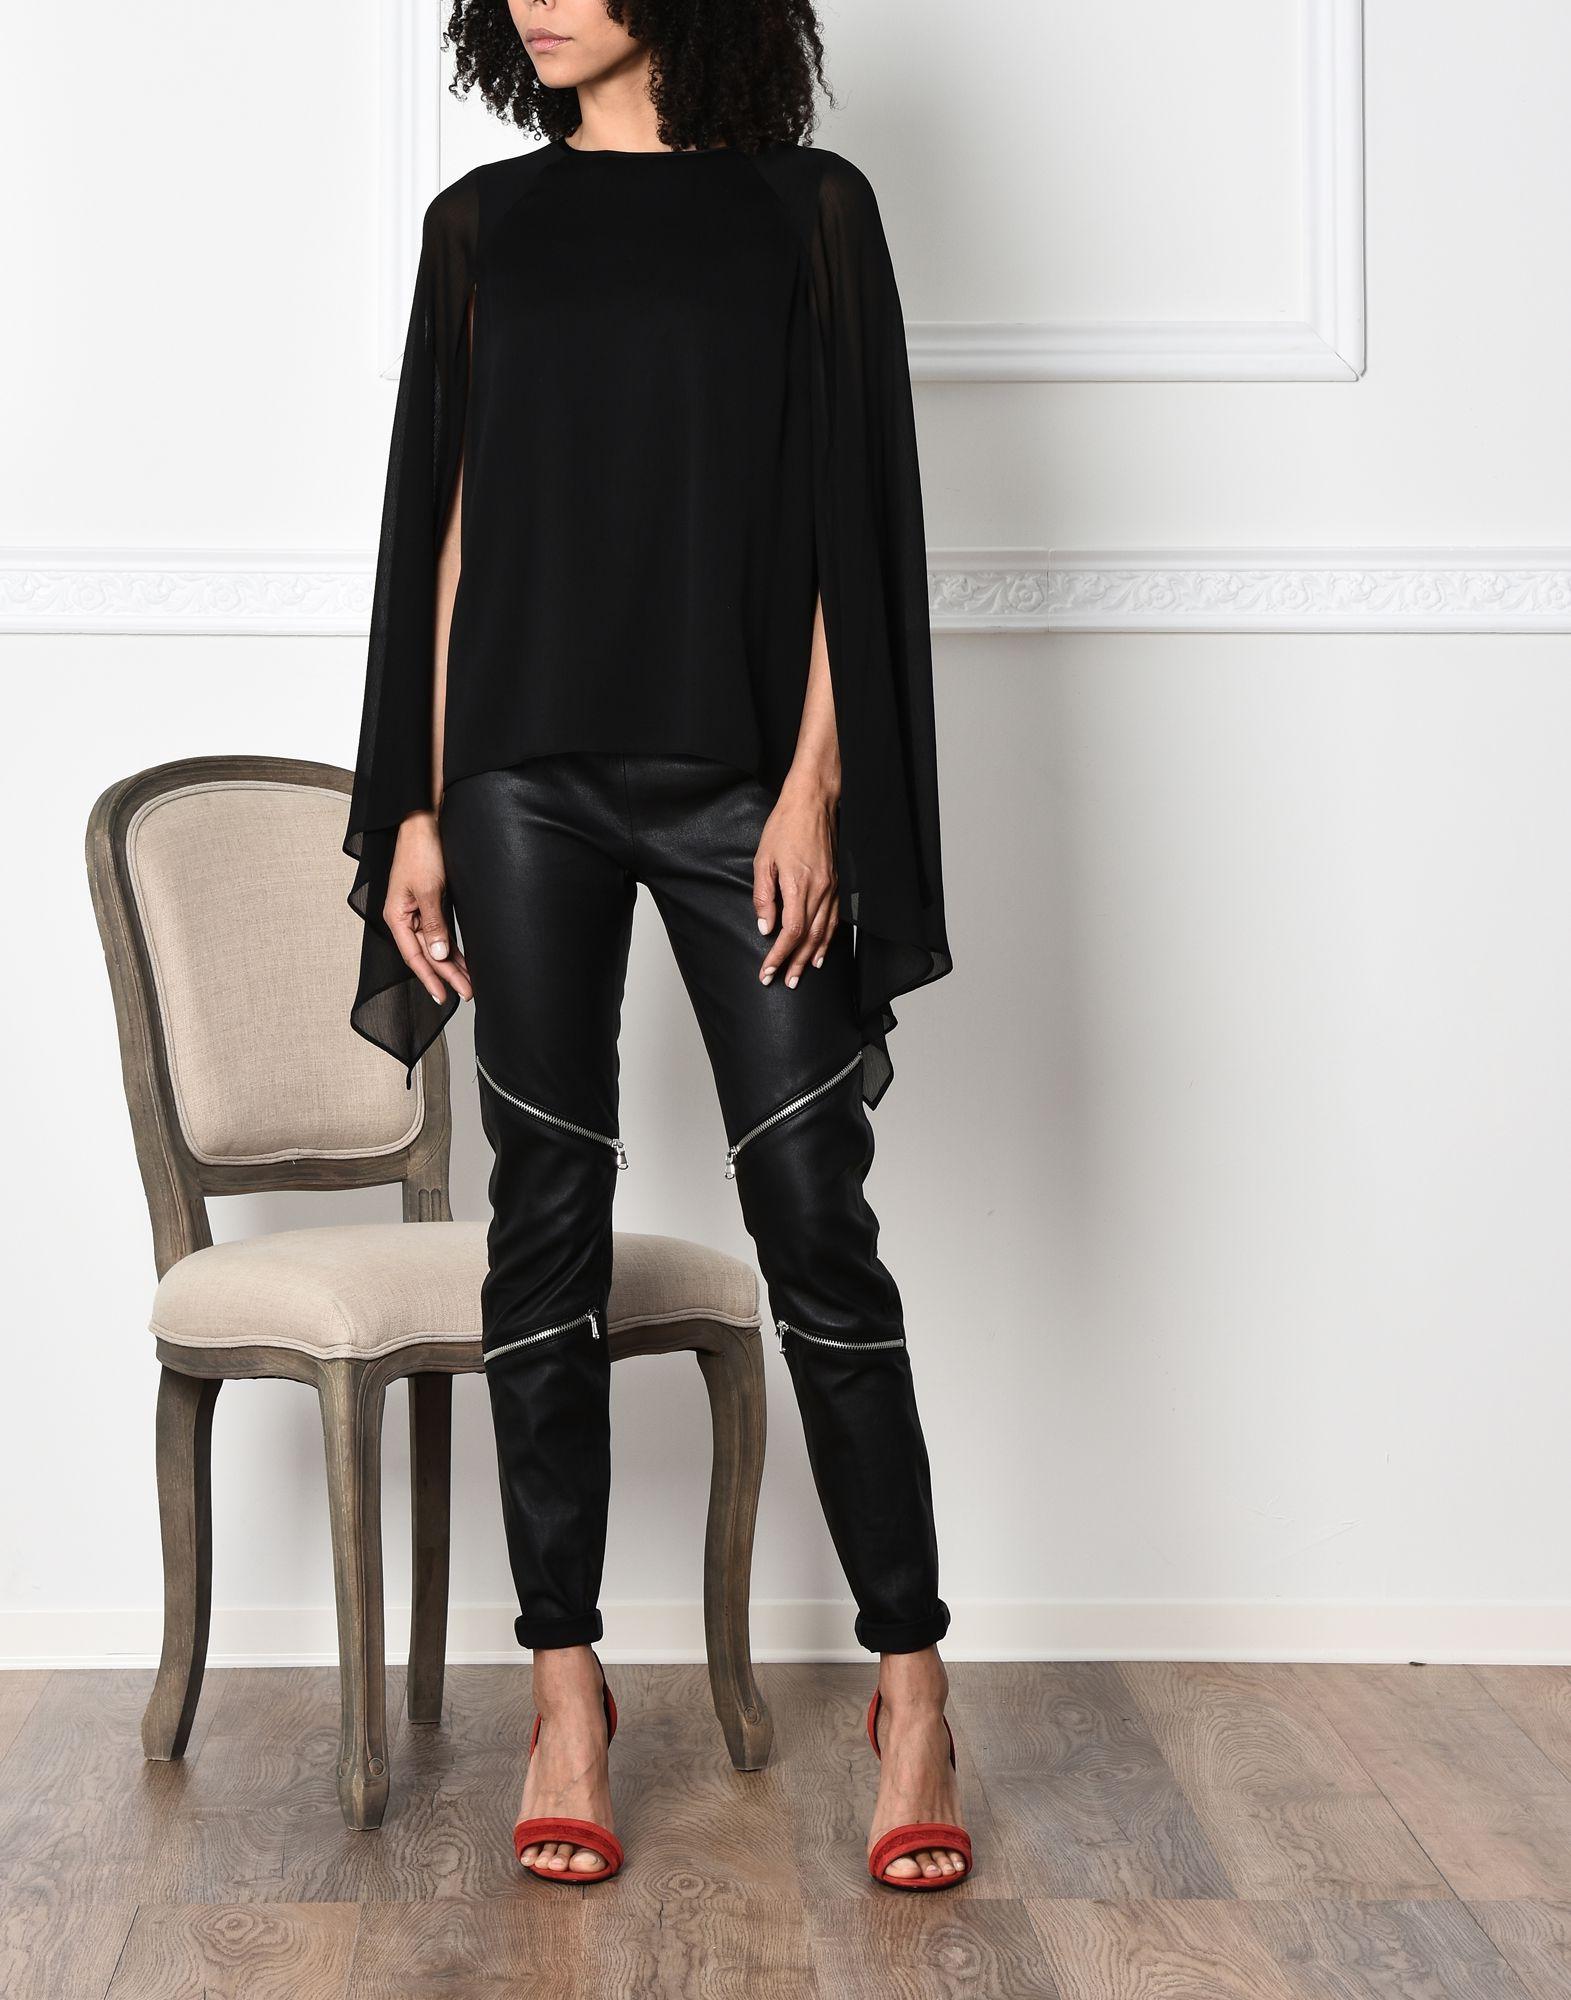 Klassischer Stil-2961,Jolie Damen By Edward Spiers Sandalen Damen Stil-2961,Jolie Gutes Preis-Leistungs-Verhältnis, es lohnt sich dad723